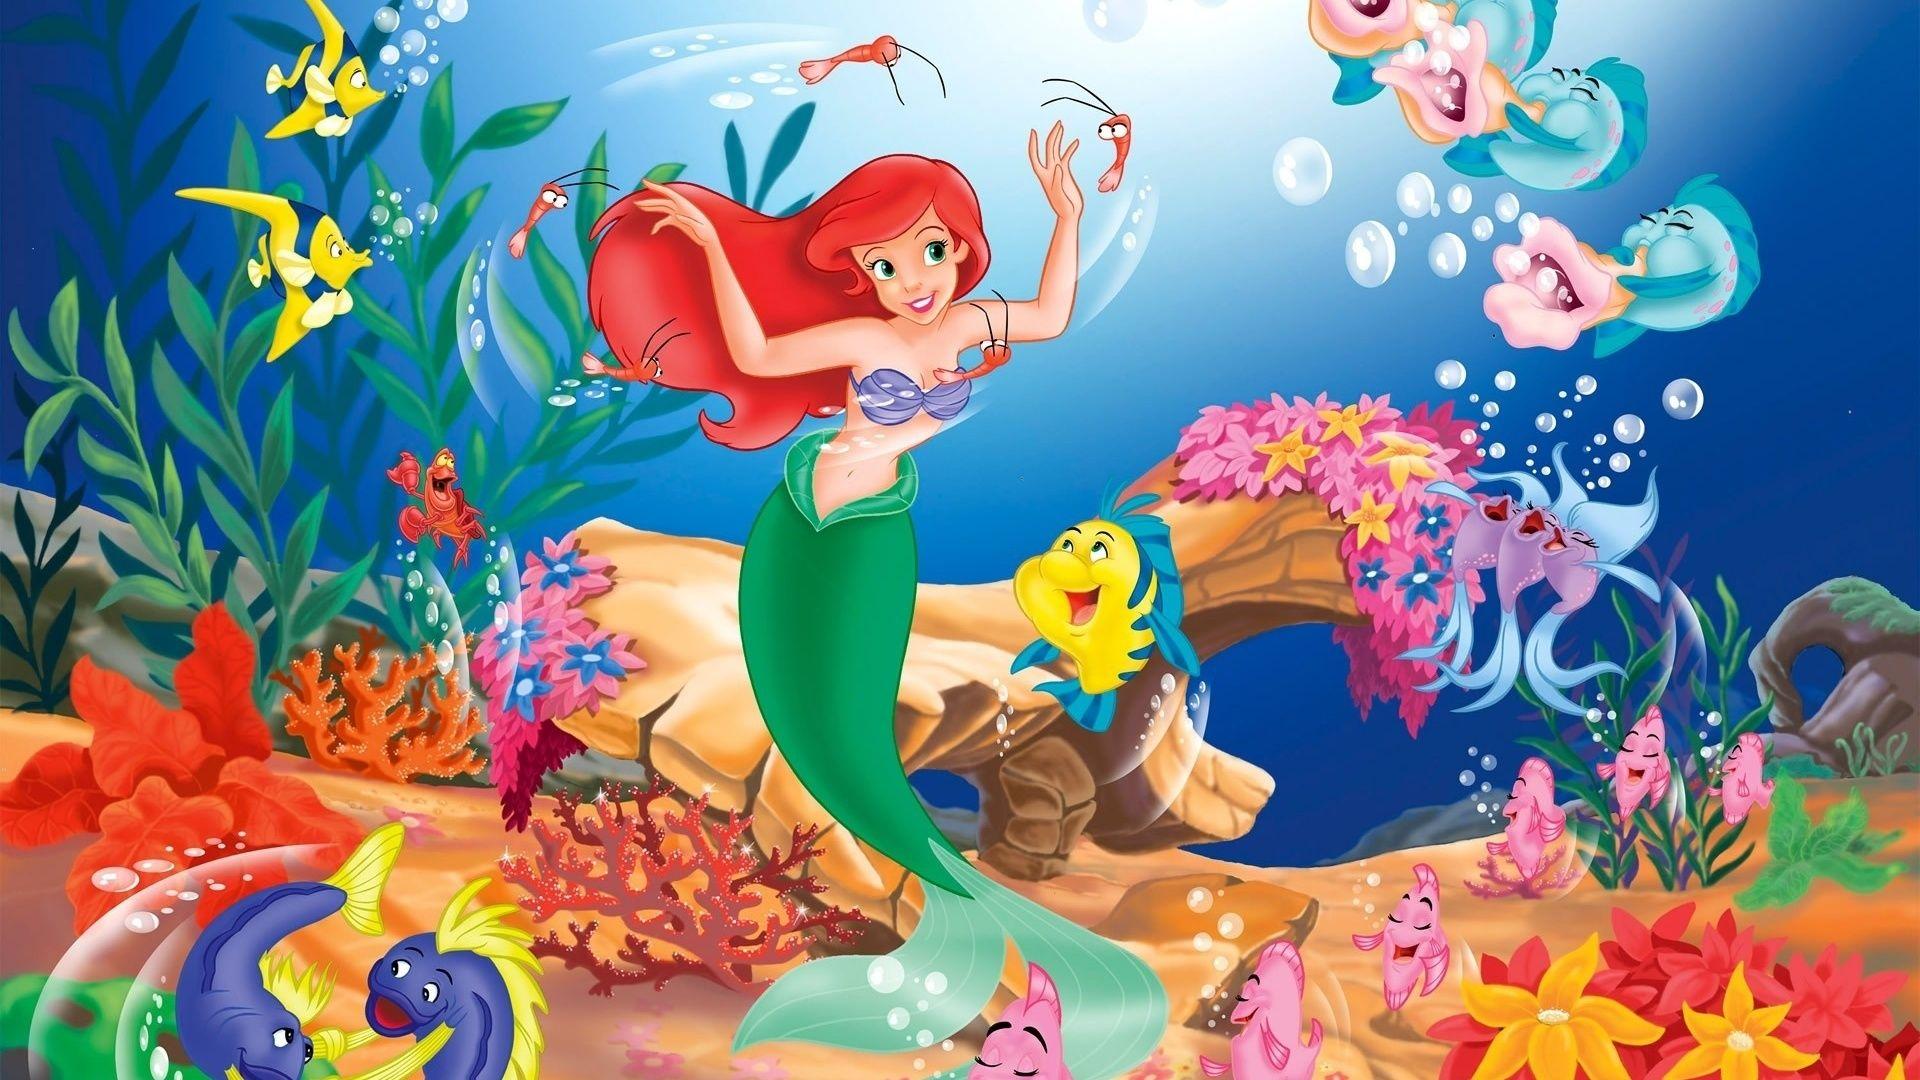 Cartoondesktopwallpapers Free Download Cartoon Desktop